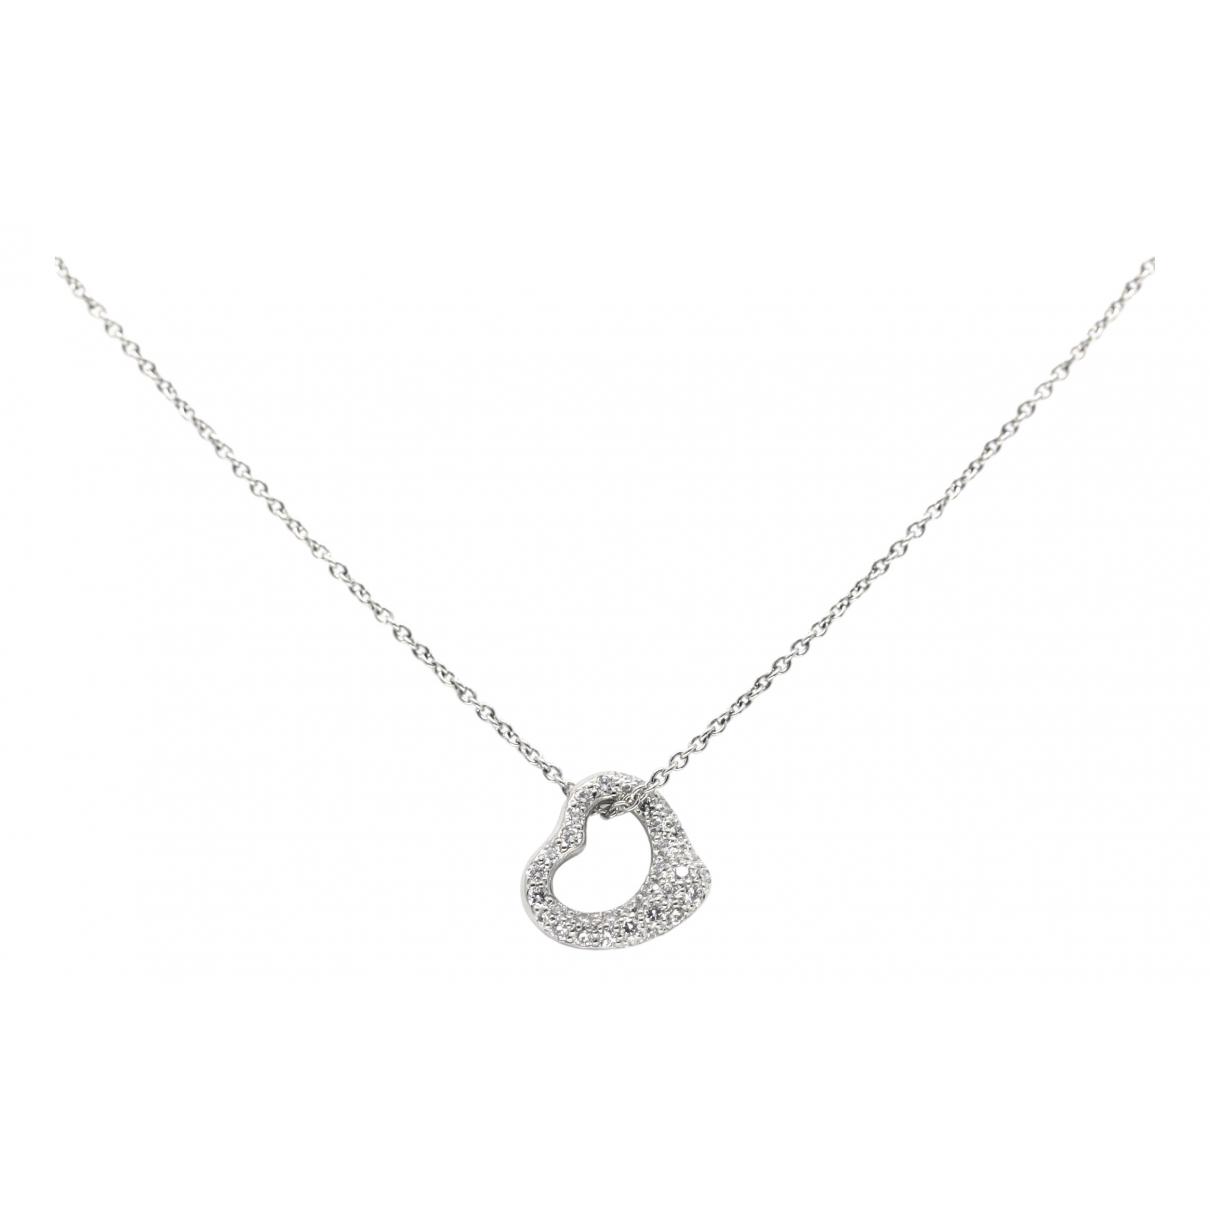 Collar Elsa Peretti  de Platino Tiffany & Co